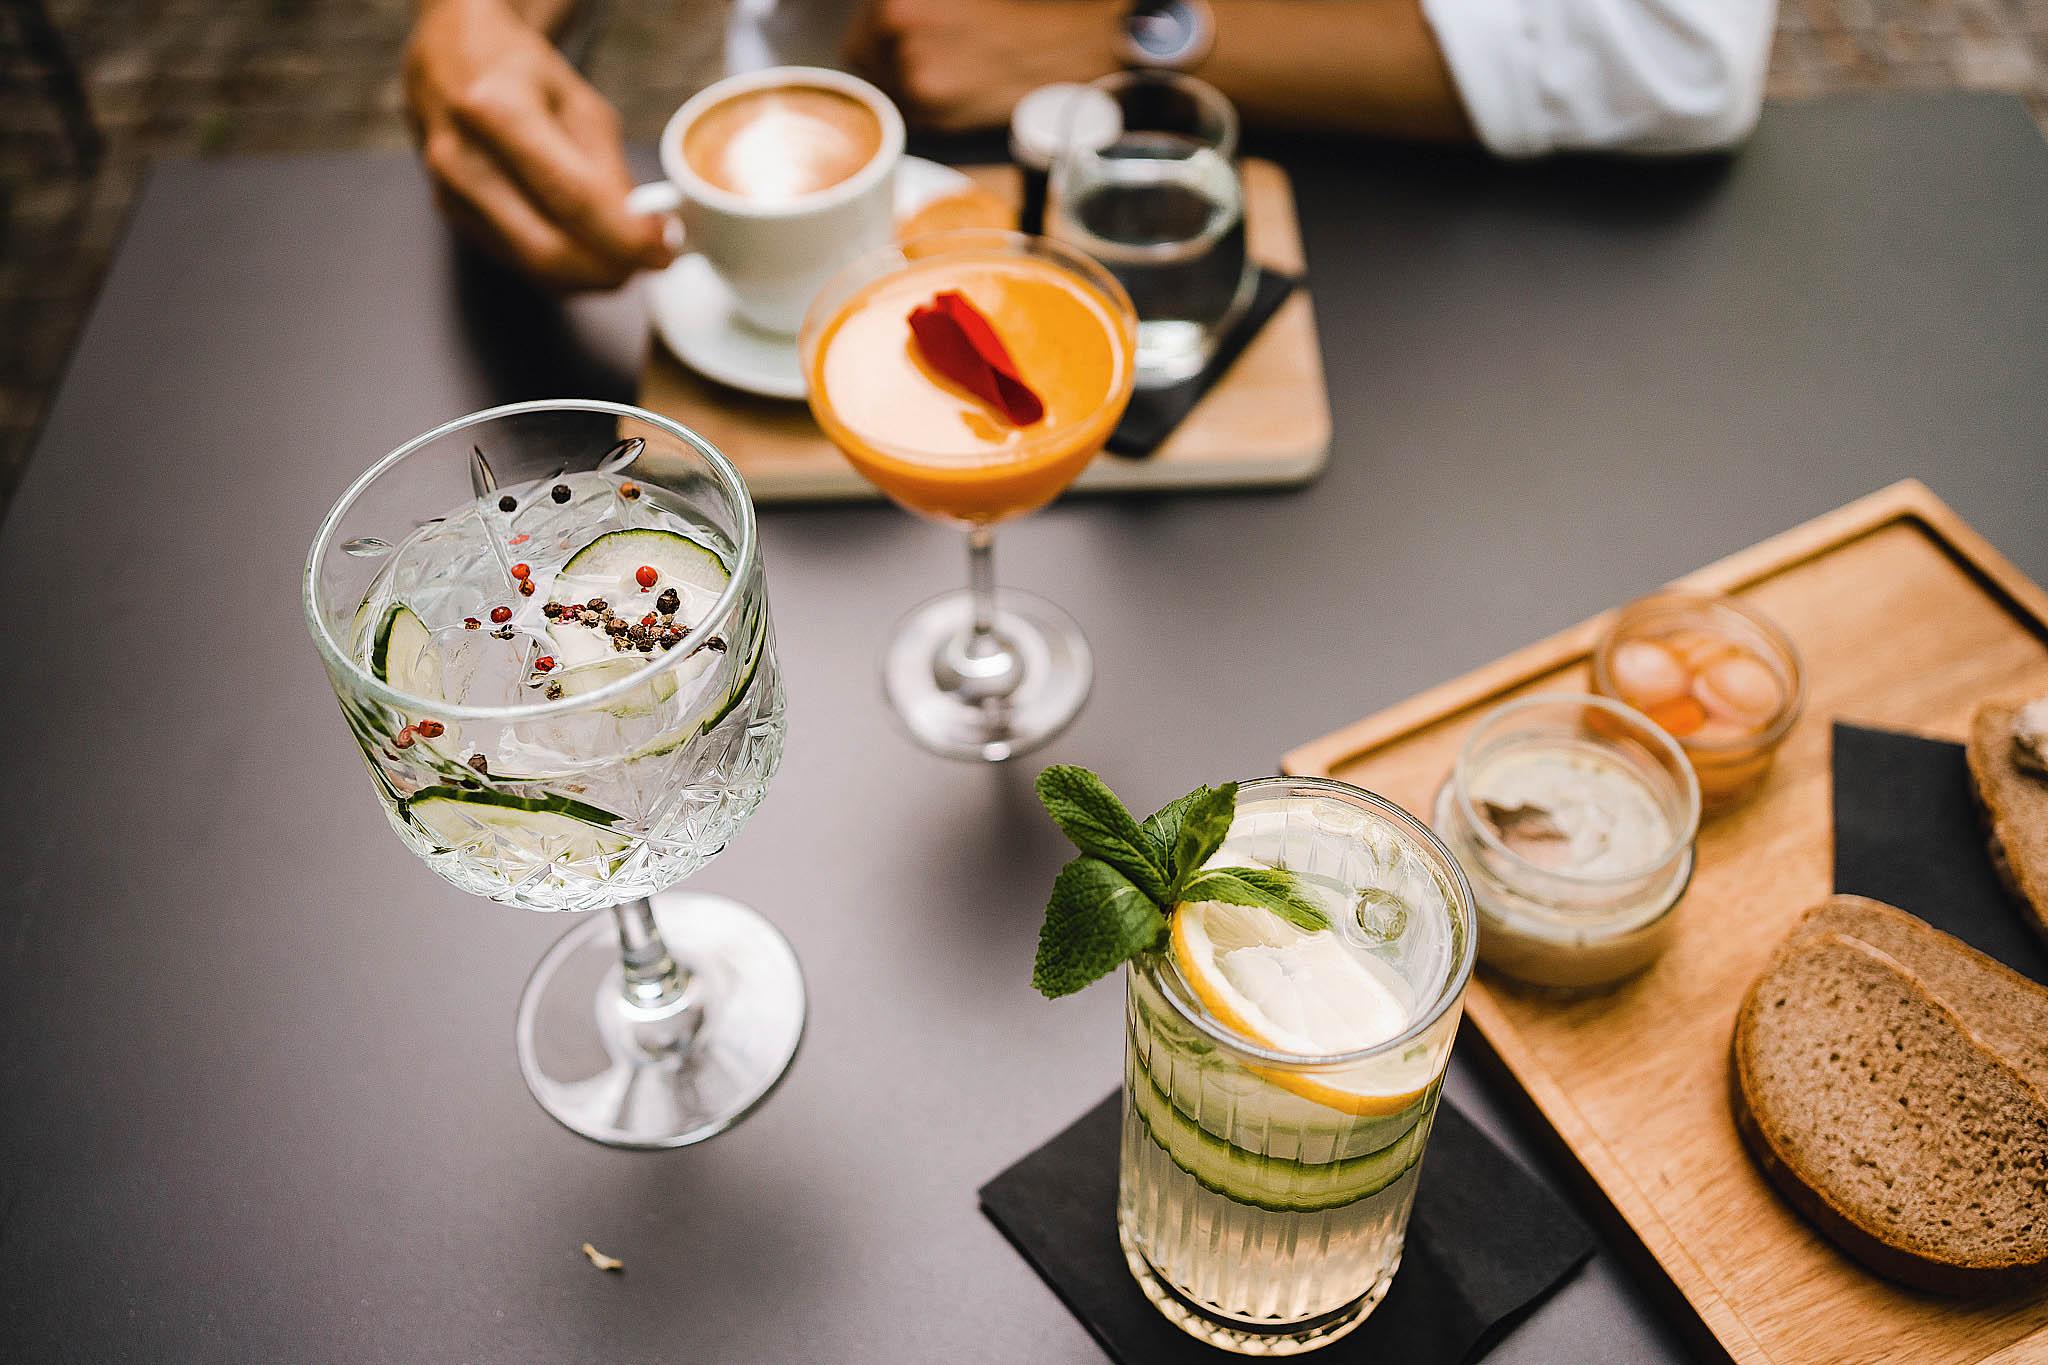 Trenčianske Teplice ukrývají klenot. Likérka je aperitiv bar akavárna spojená svlastní řemeslnou výrobou. Výjimečně silný gin Toison abylinný likér Dr.Kramer vyrábí bez použití chemie čistě přírodním způsobem.